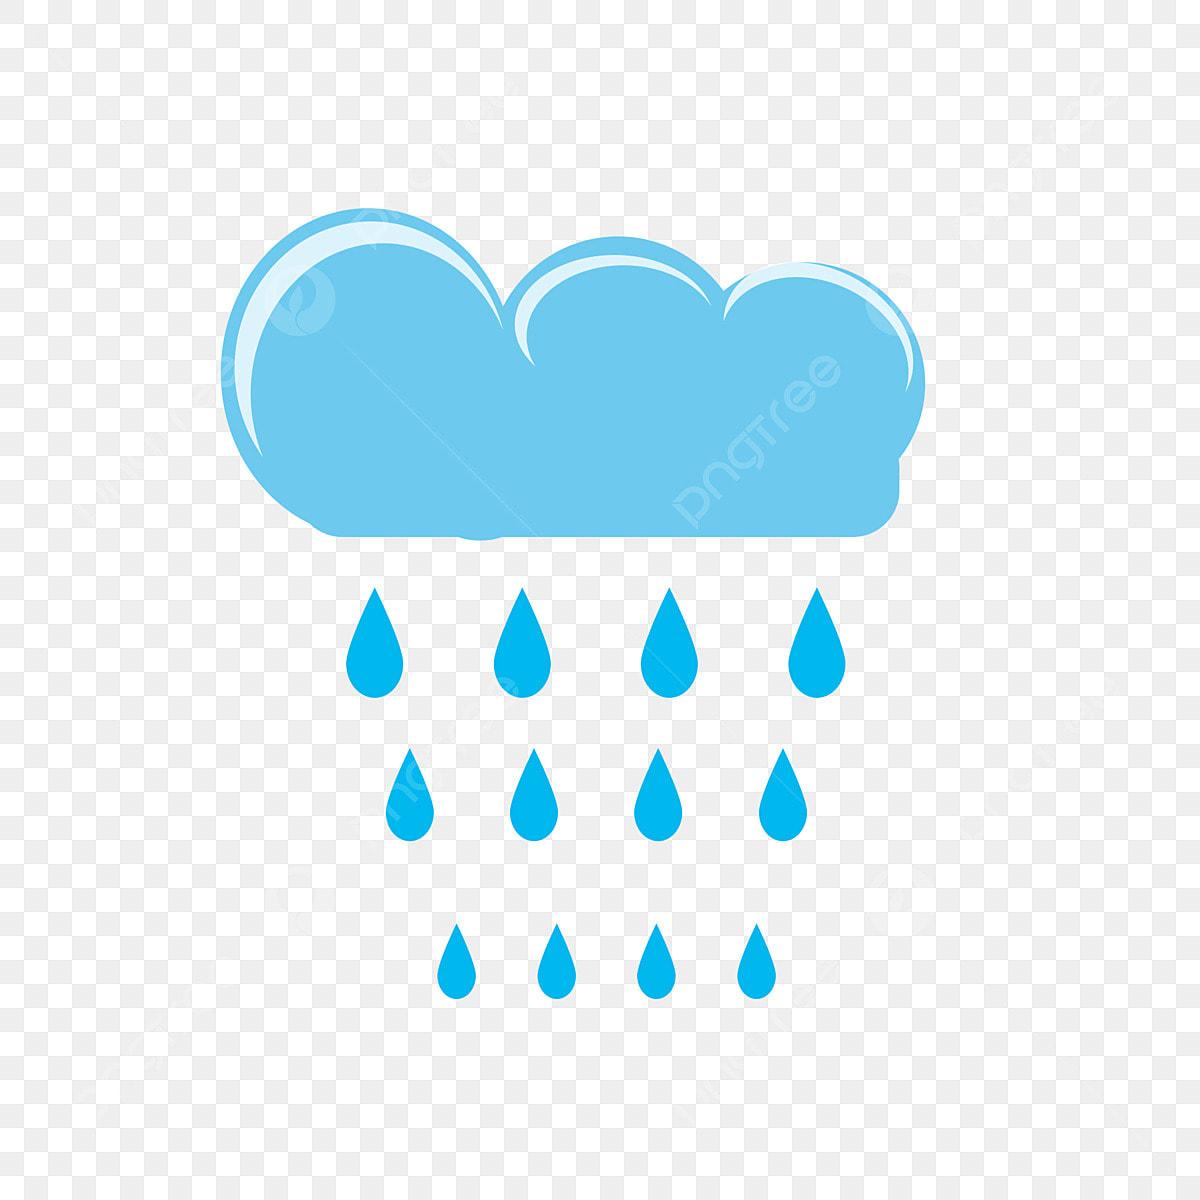 gambar lukisan tangan kreatif awan kartun awan png percuma untuk tarik hujan awan awan lukisan tangan kreatif awan kartun awan awak dilukis png dan psd untuk muat turun percuma https ms pngtree com freepng creative cartoon hand painted cloud png free cloud 4601342 html